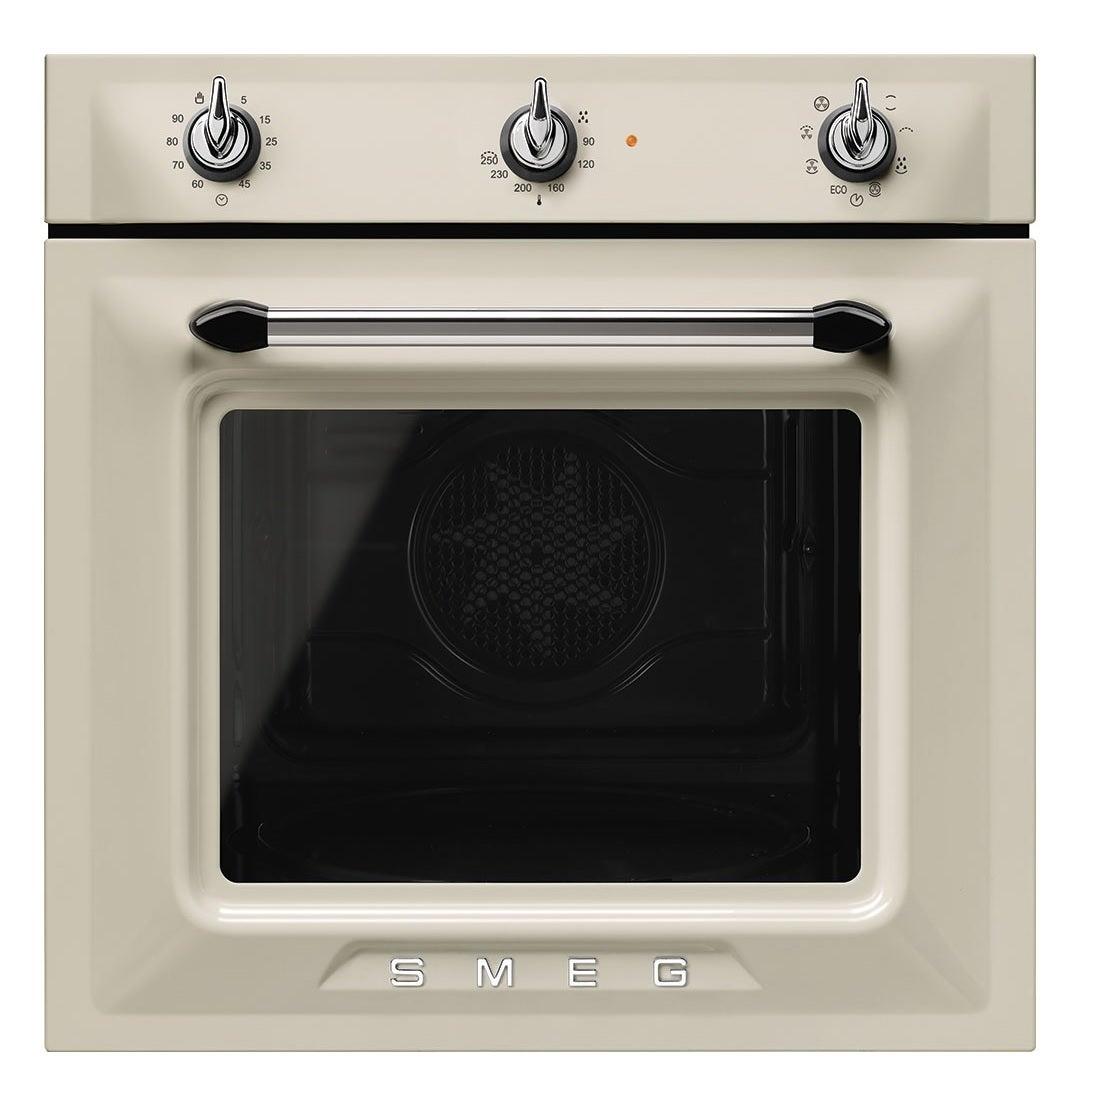 Smeg SF6905P1 Oven